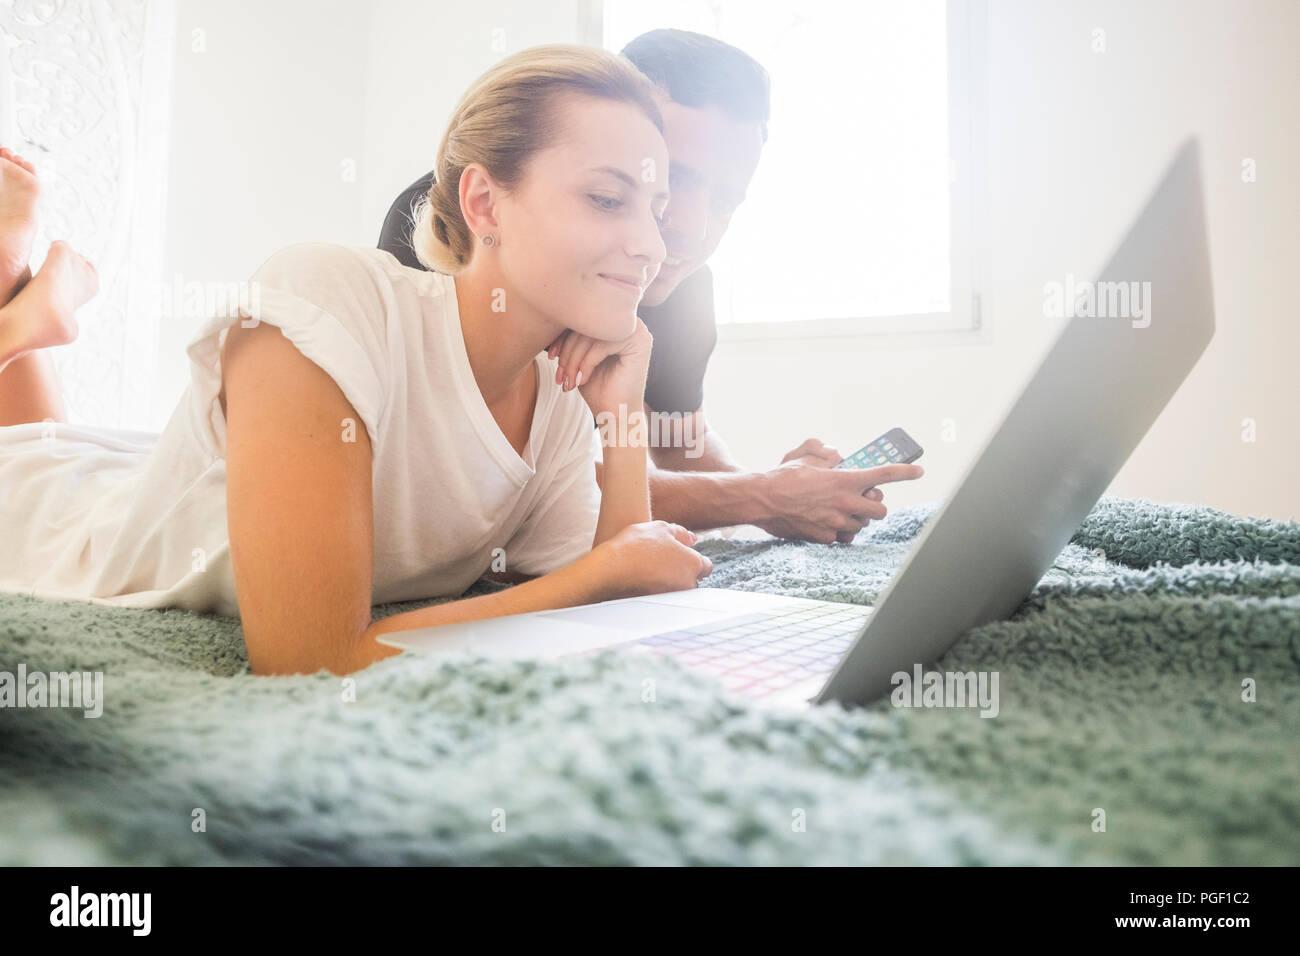 Schön kaukasischen jungen attraktiven Paar Aufenthalt legte sich auf das Bett arbeiten mit Laptop und Handy Internet verbunden. indoor home freizeit Aktivität Stockbild